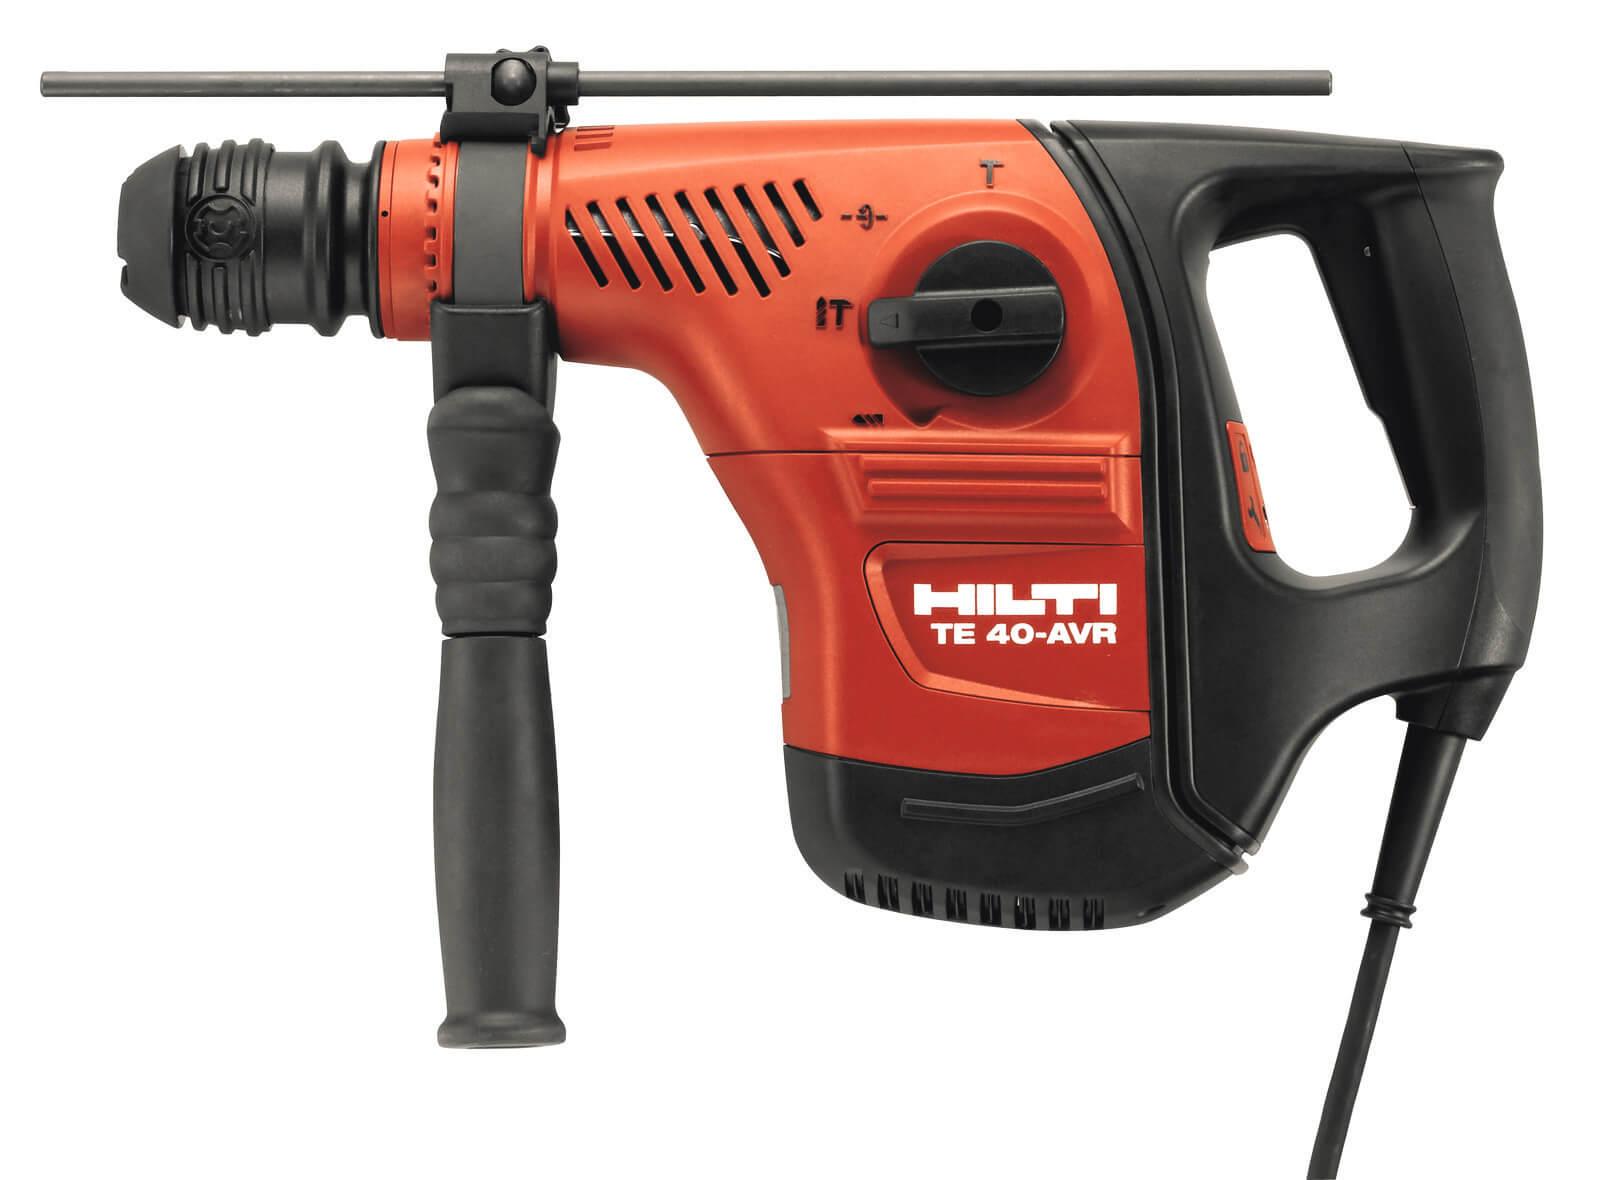 Hilti TE 40-AVR Rotary Hammer Drill SDS+ 110v 5.6Kg